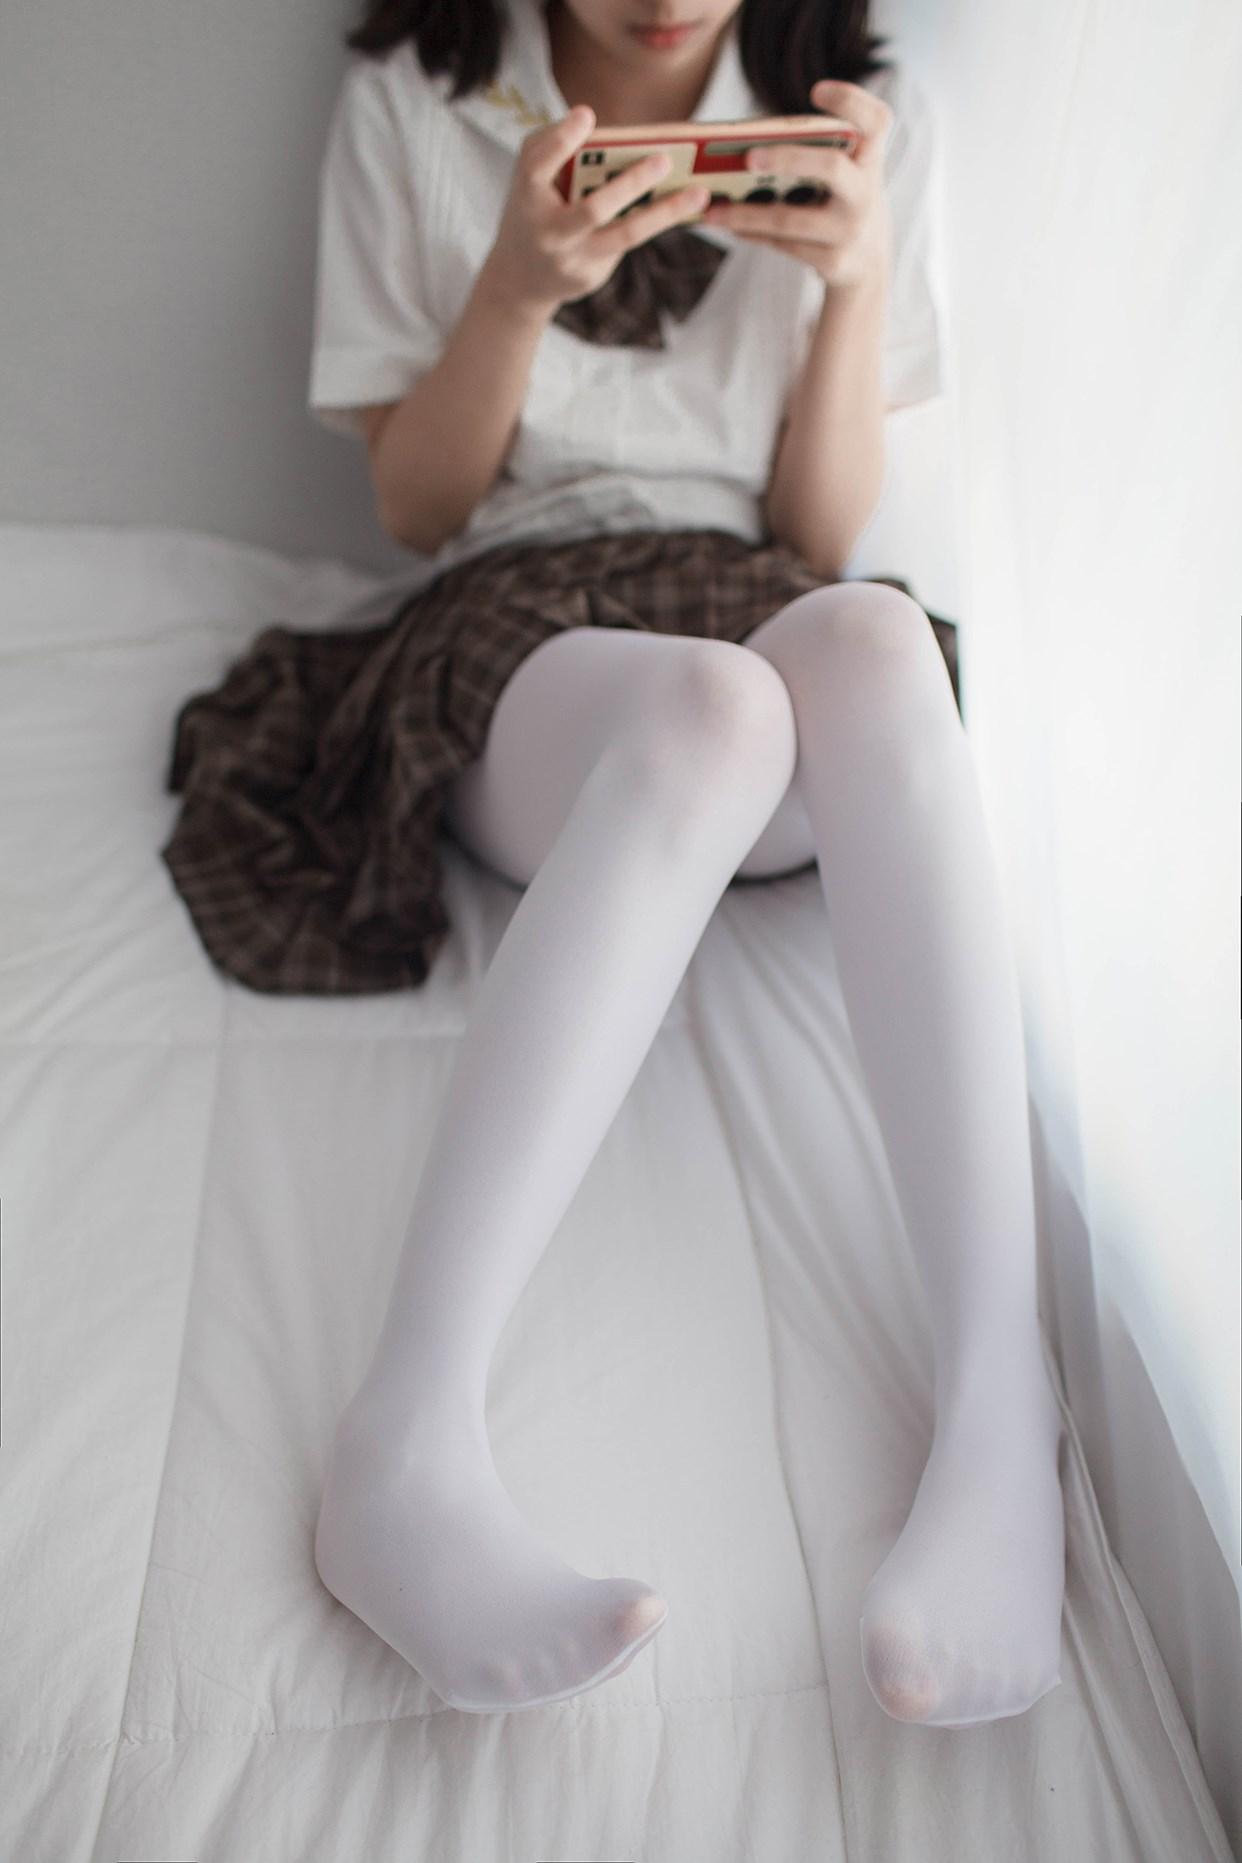 【兔玩映画】白丝少女 兔玩映画 第2张